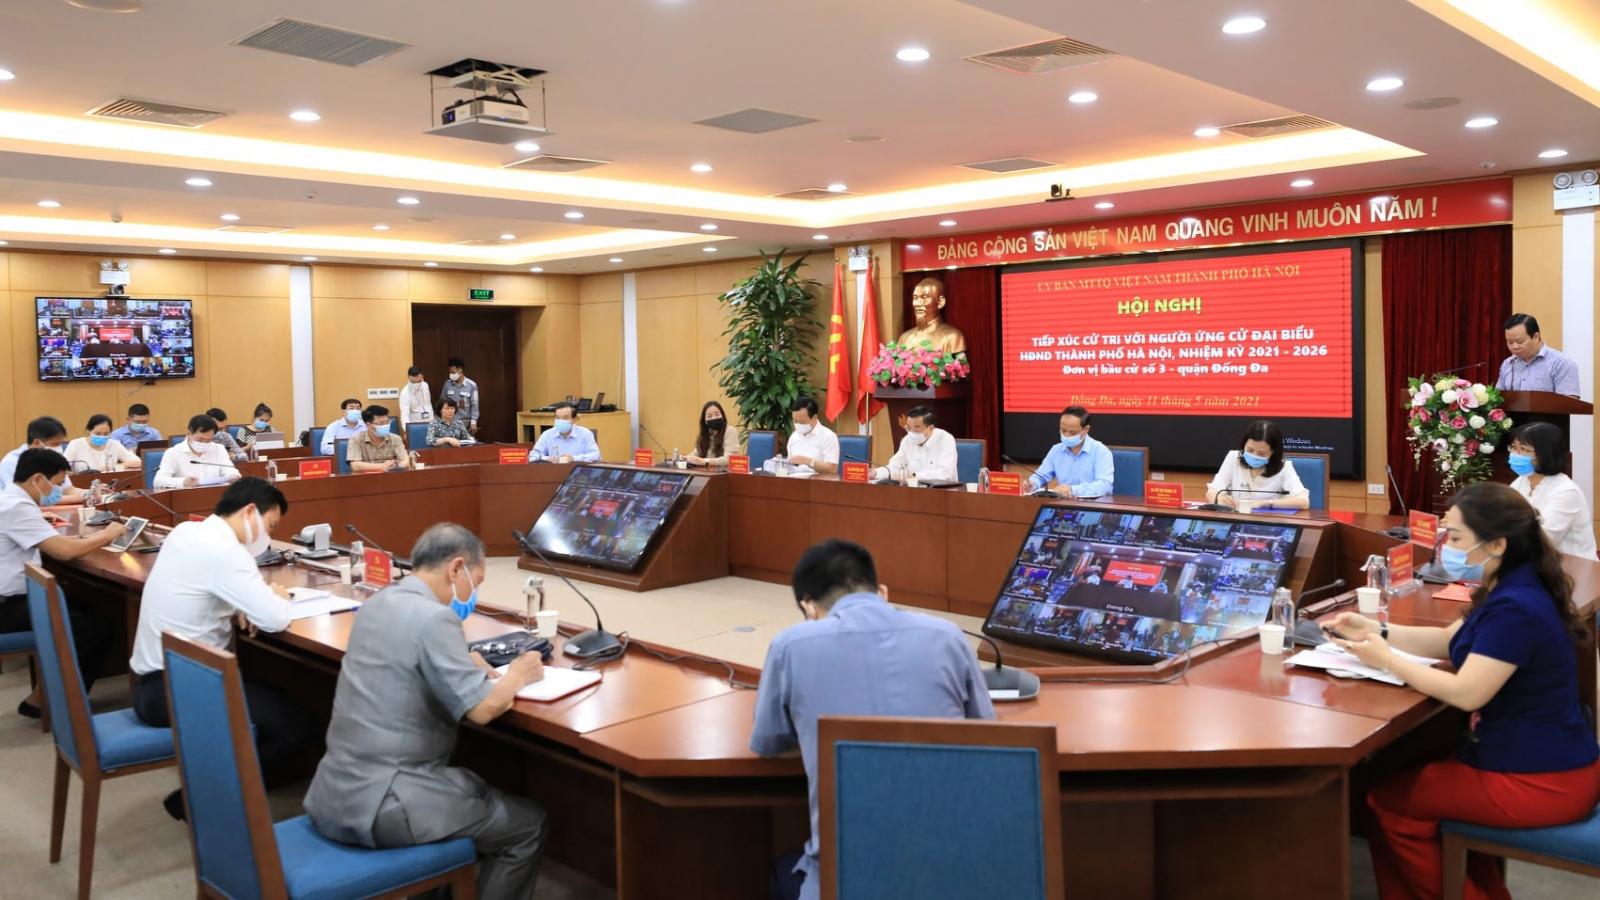 Chủ tịch Hà Nội: Chống dịch Covid 19 chủ động, quyết liệt nhưng linh hoạt, hiệu quả...